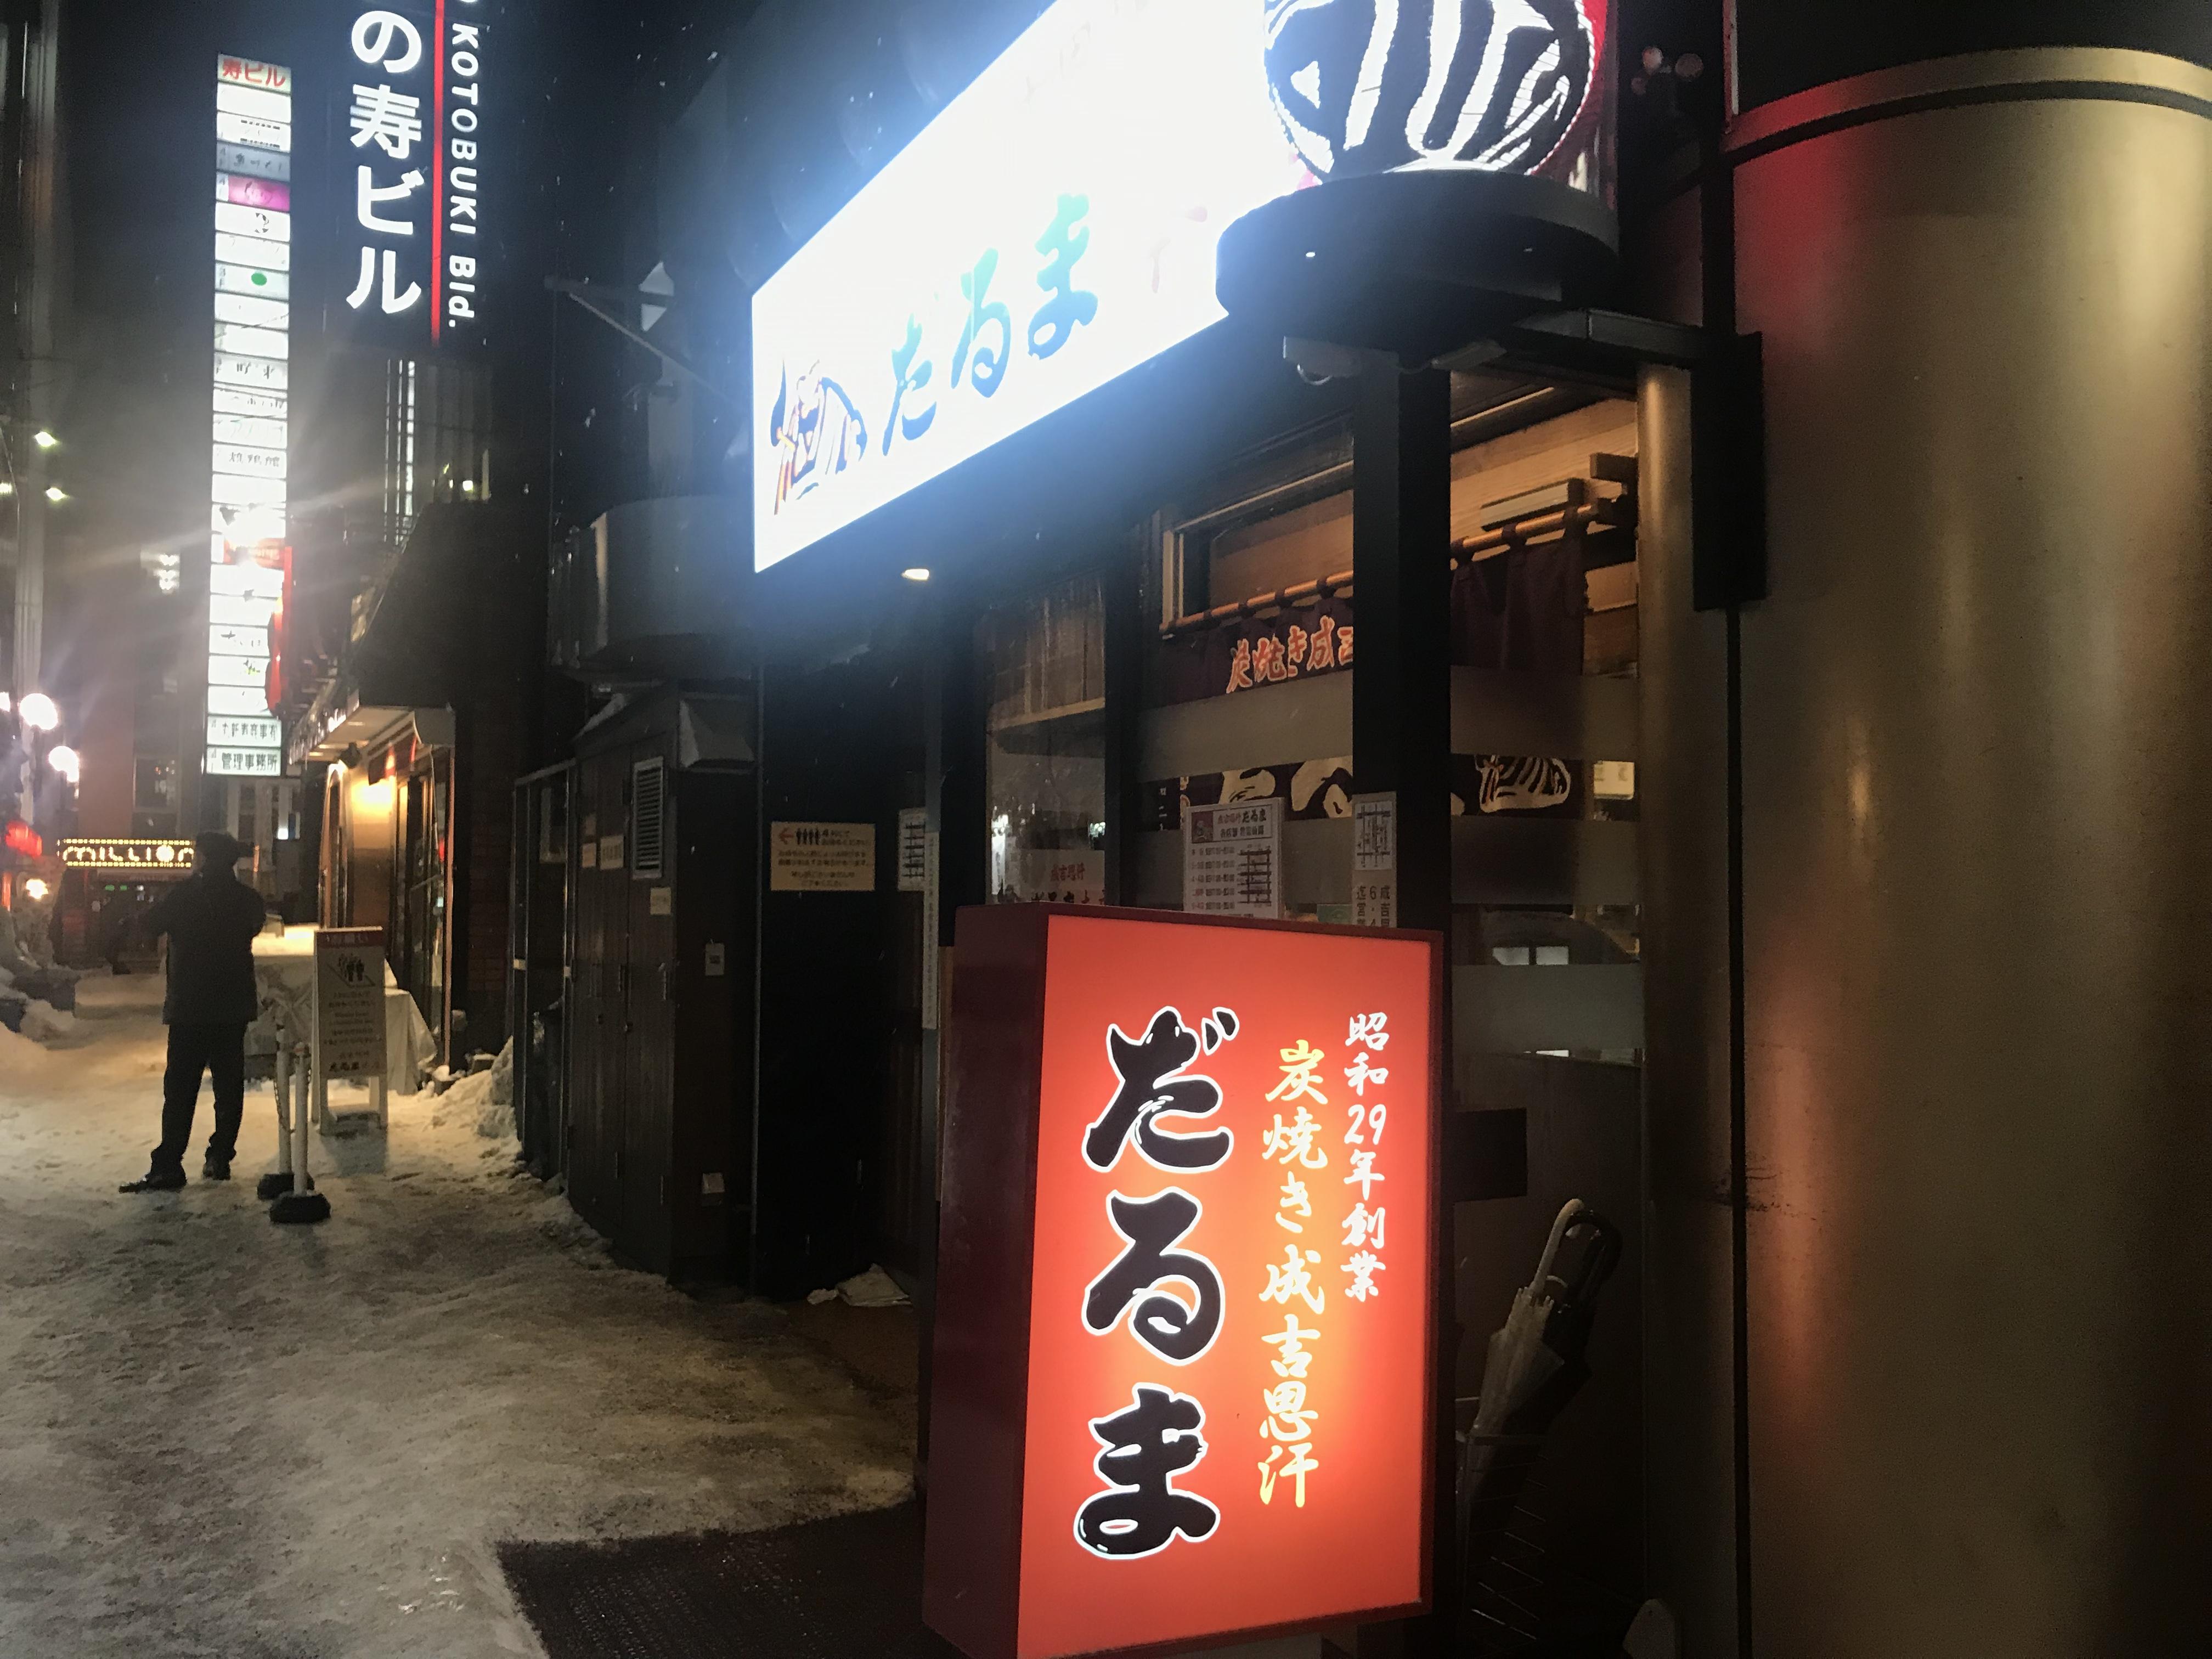 札幌グルメすすきのジンギスカンおすすめだるま